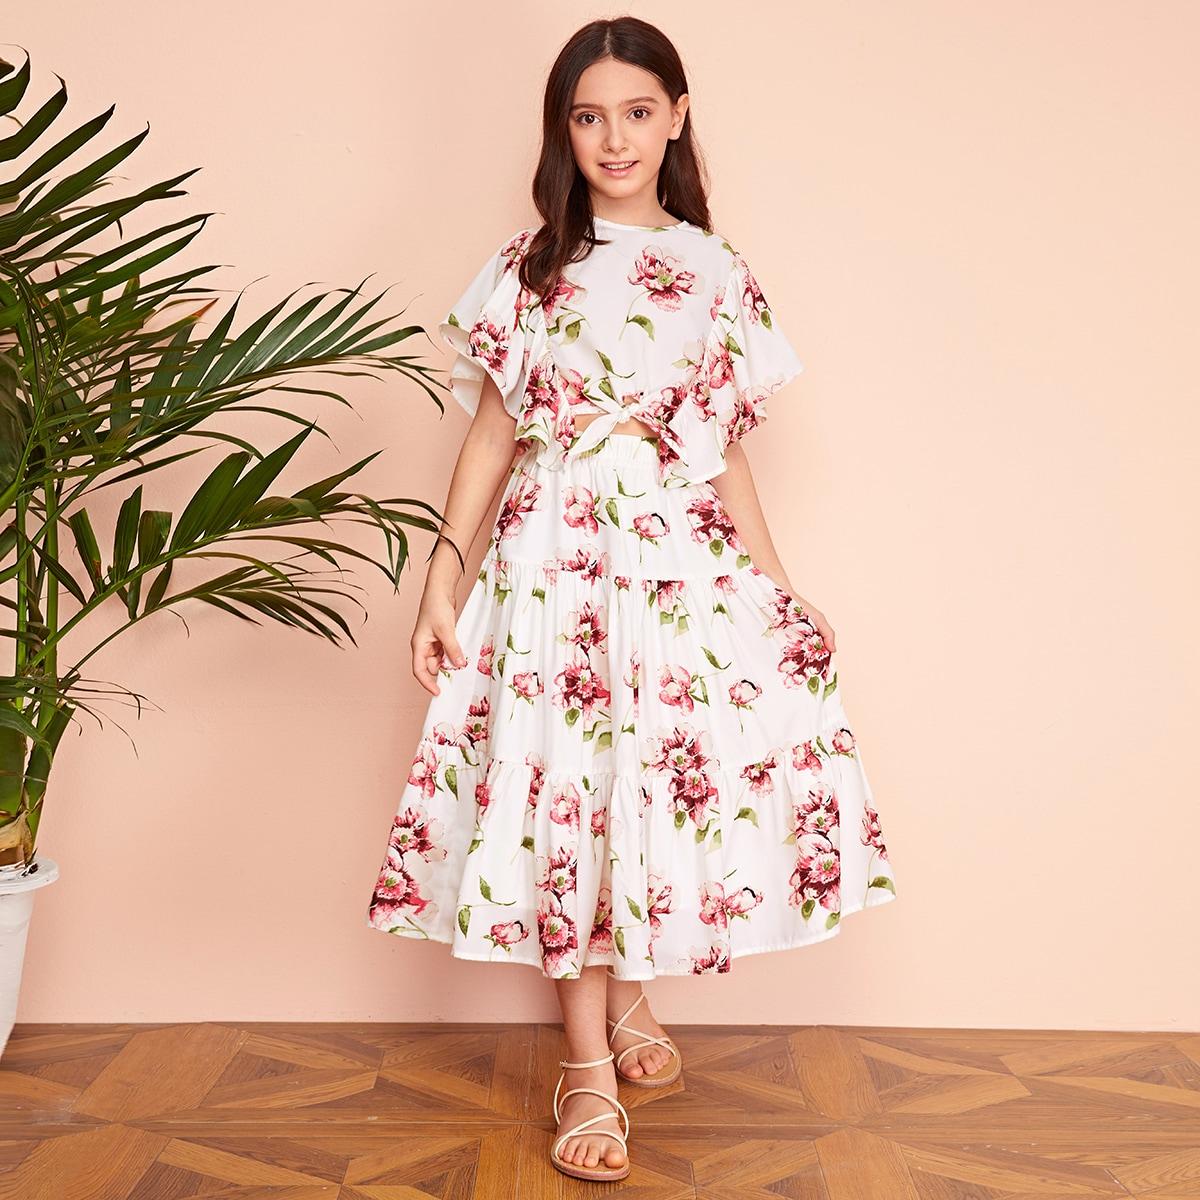 Цветочная юбка и топ с узлом, оборками для девочек